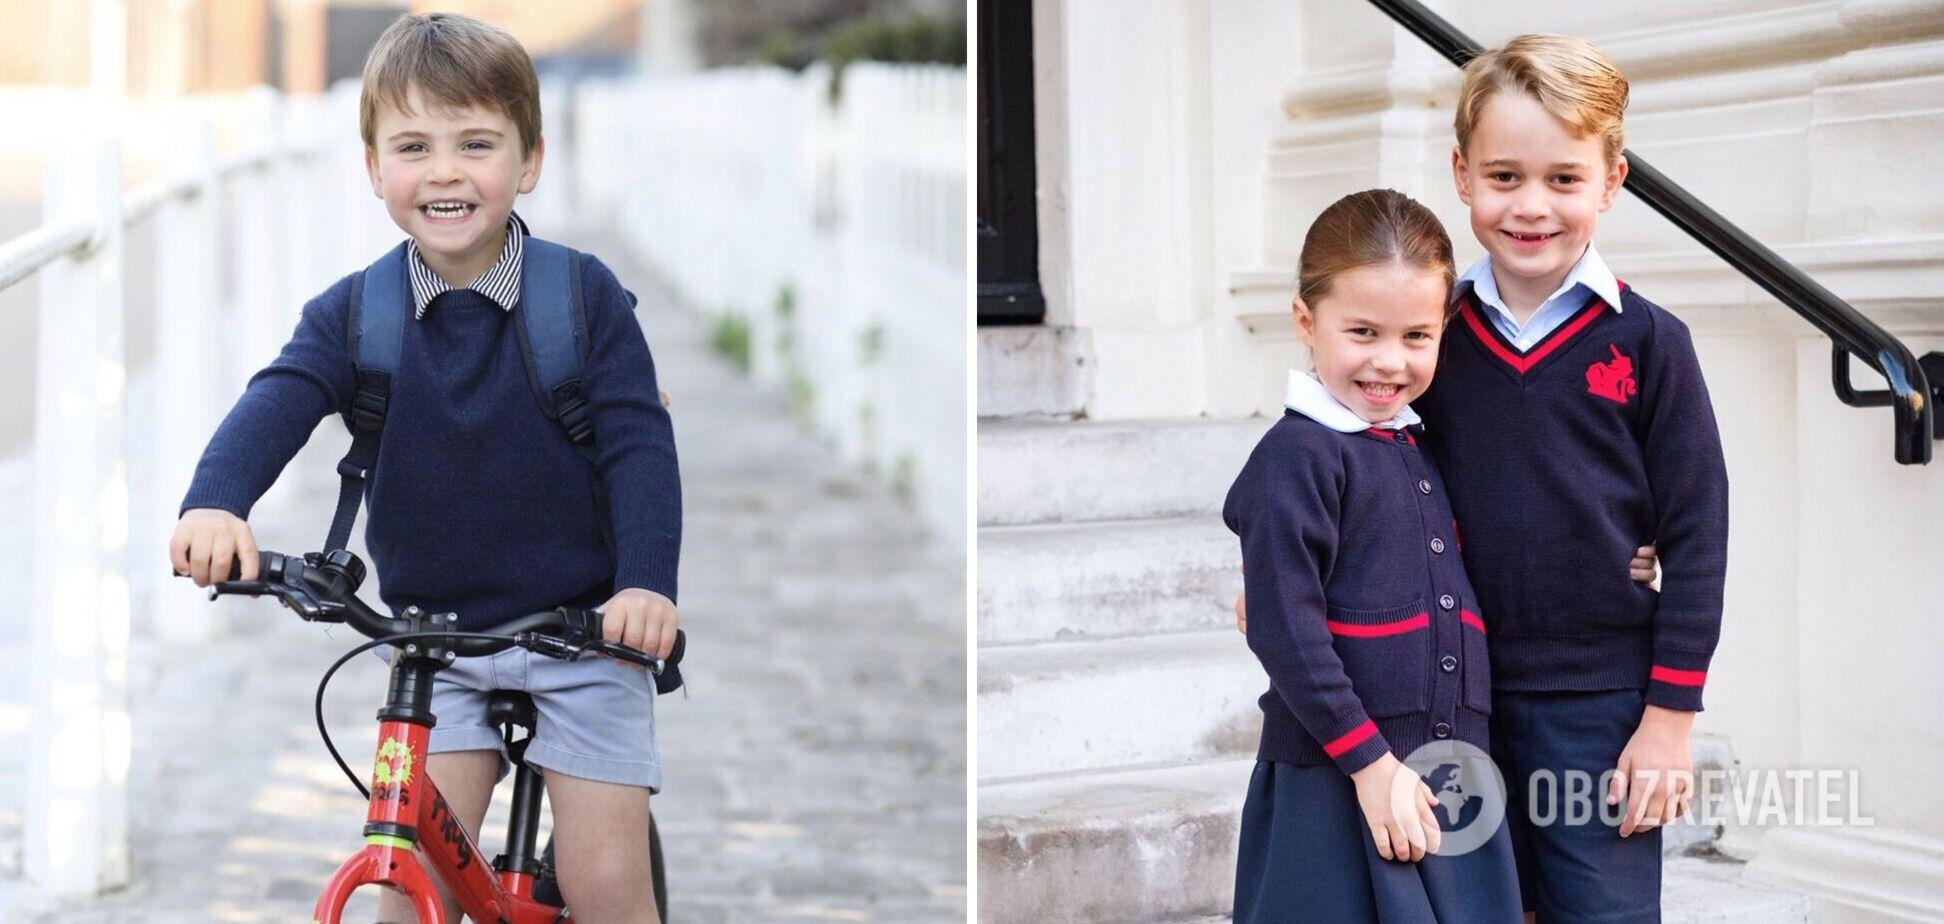 Кейт Миддлтон собственноручно делает официальные портреты детей